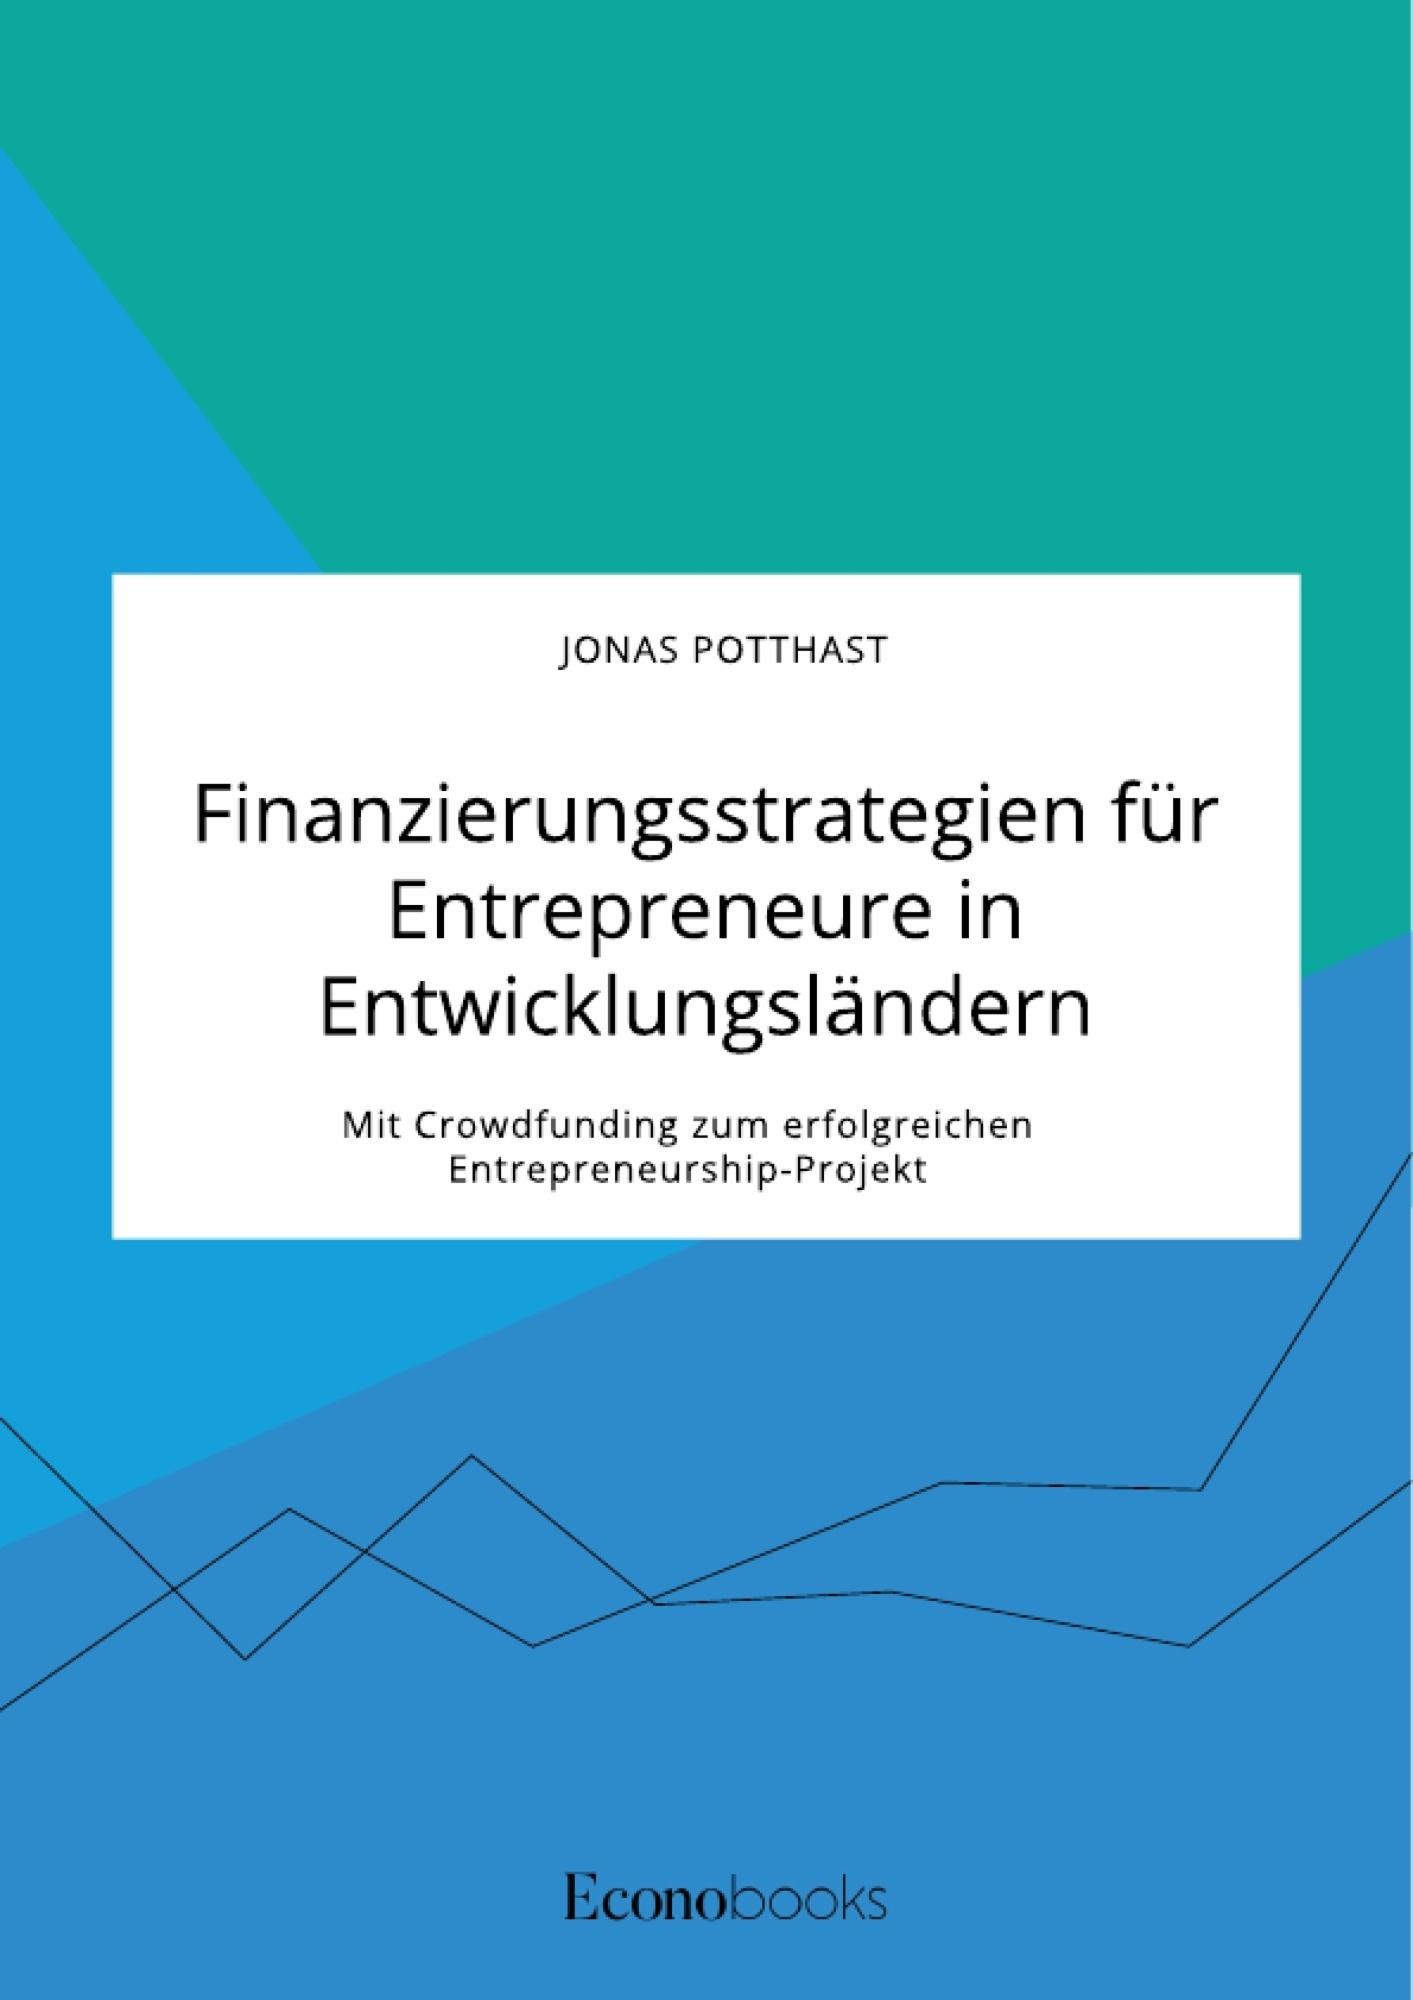 Titel: Finanzierungsstrategien für Entrepreneure in Entwicklungsländern. Mit Crowdfunding zum erfolgreichen Entrepreneurship-Projekt